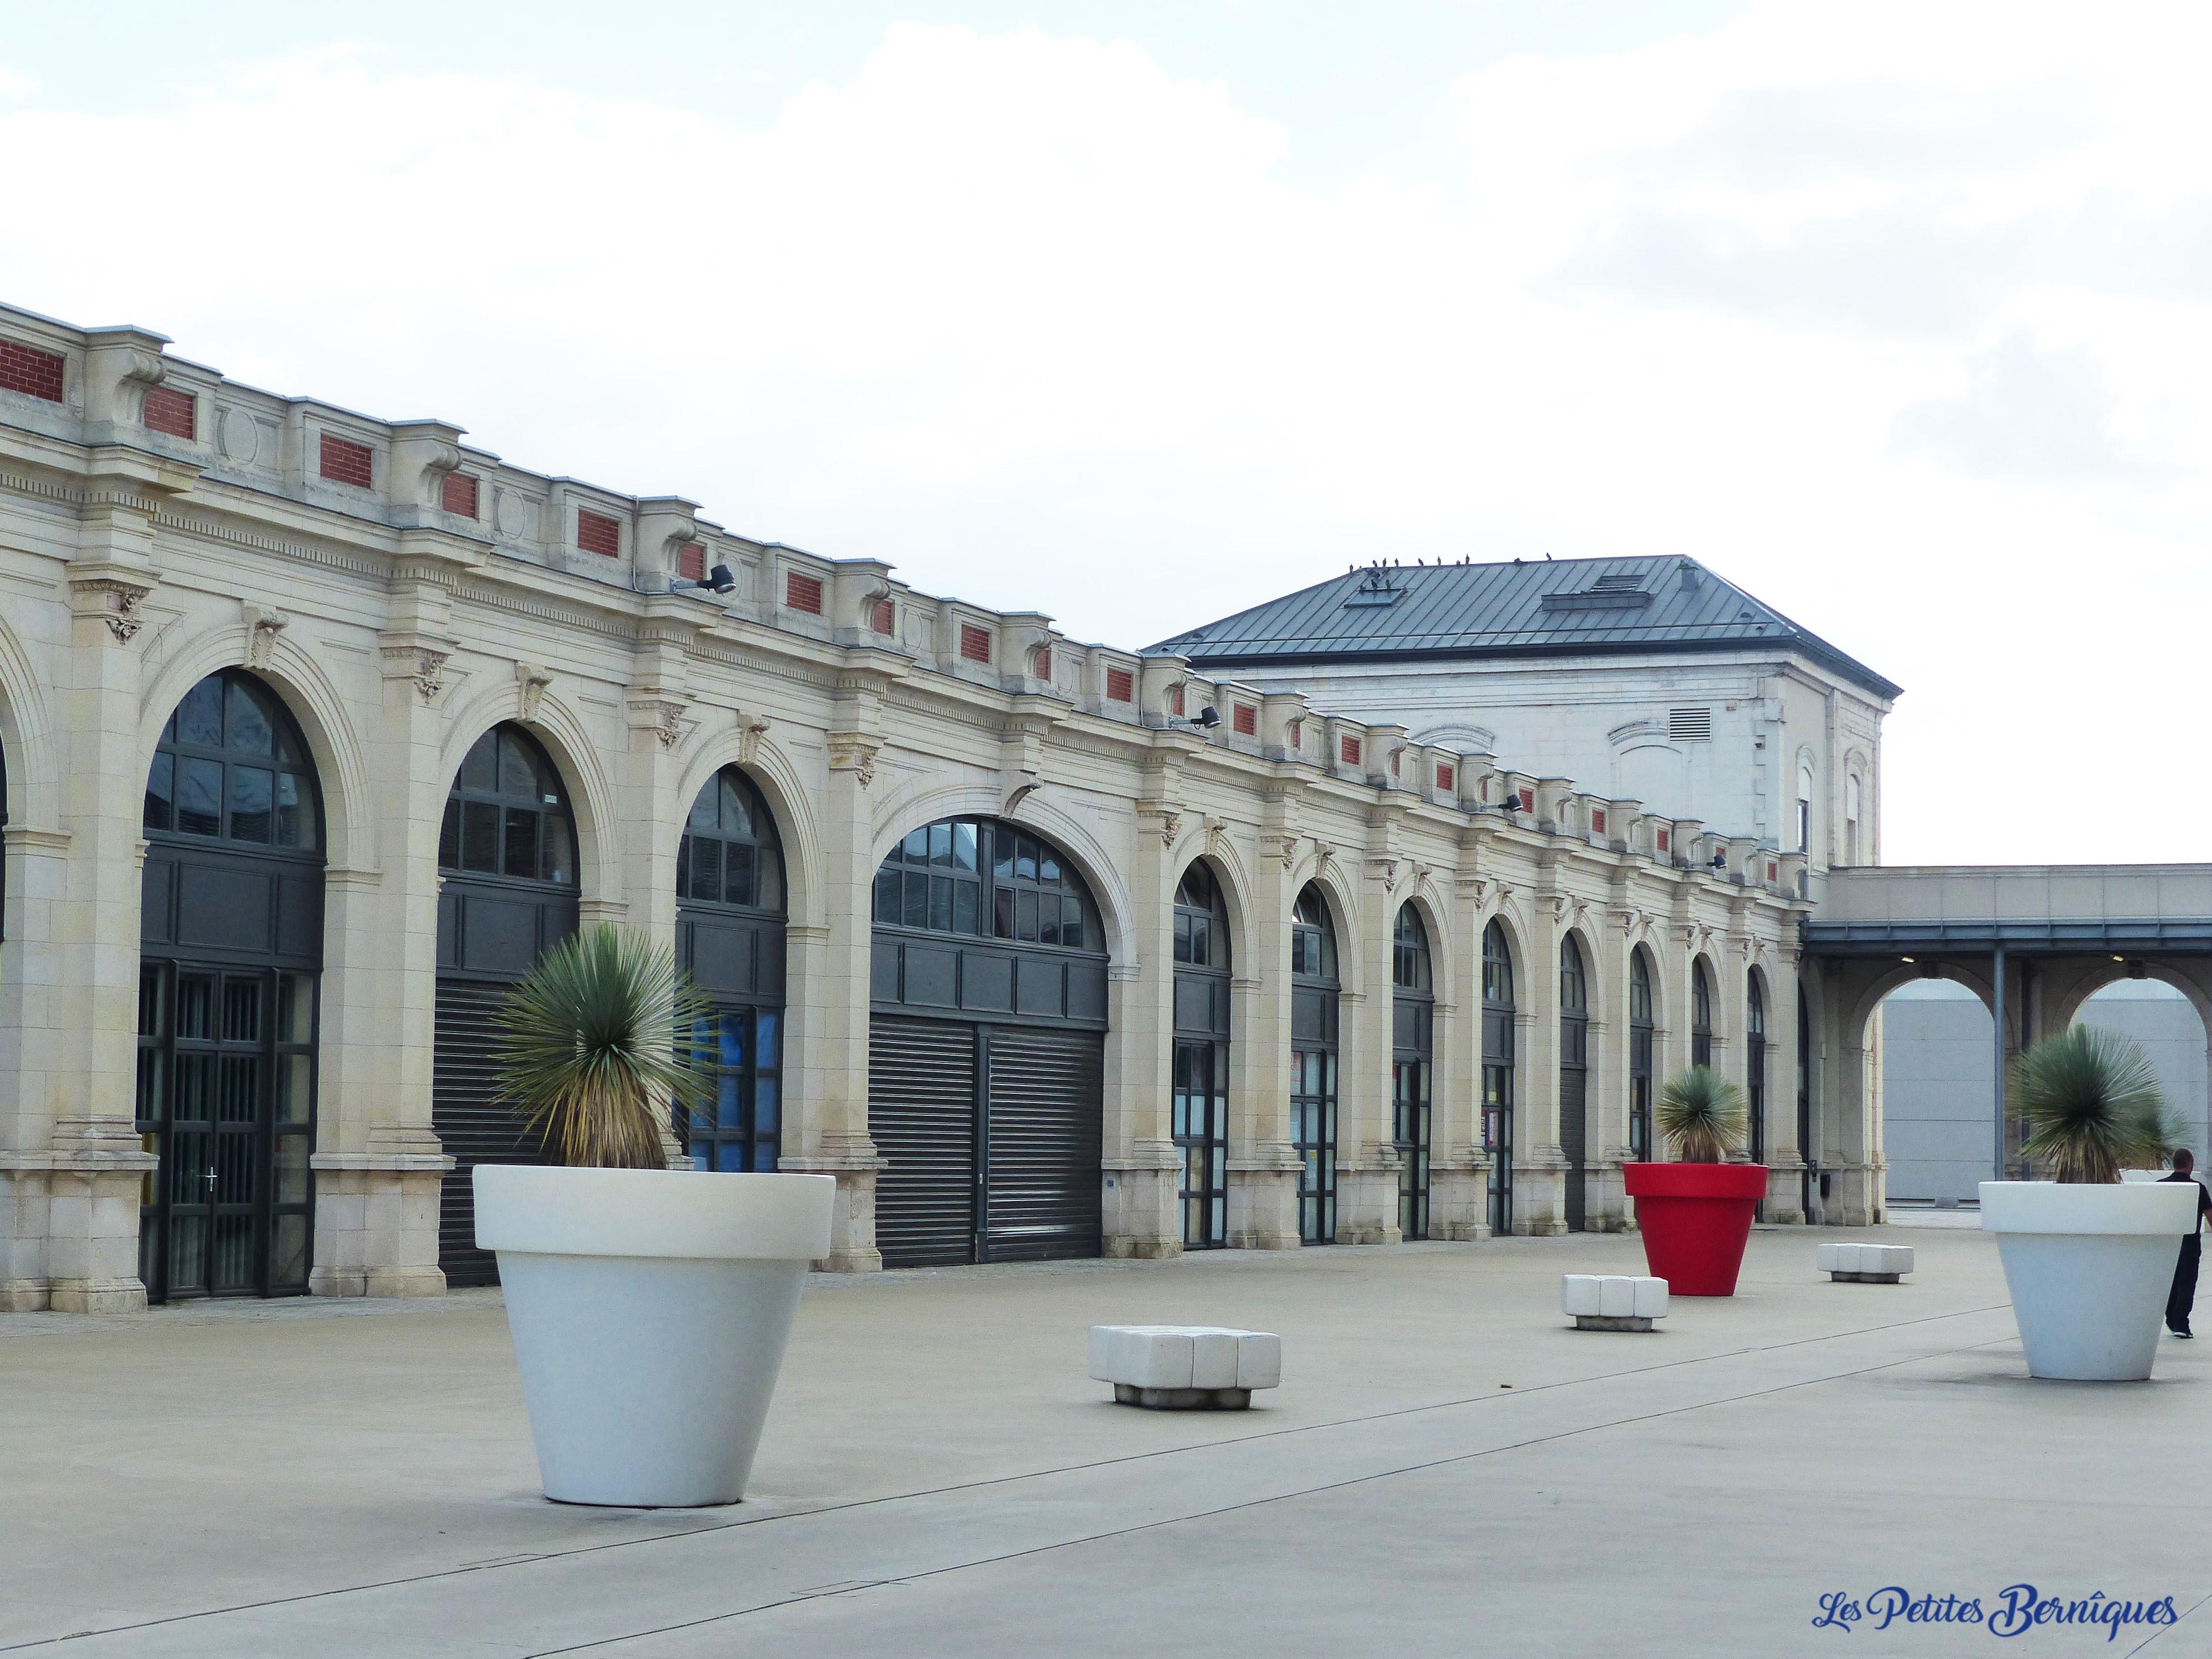 Le Theatre - Saint-Nazaire